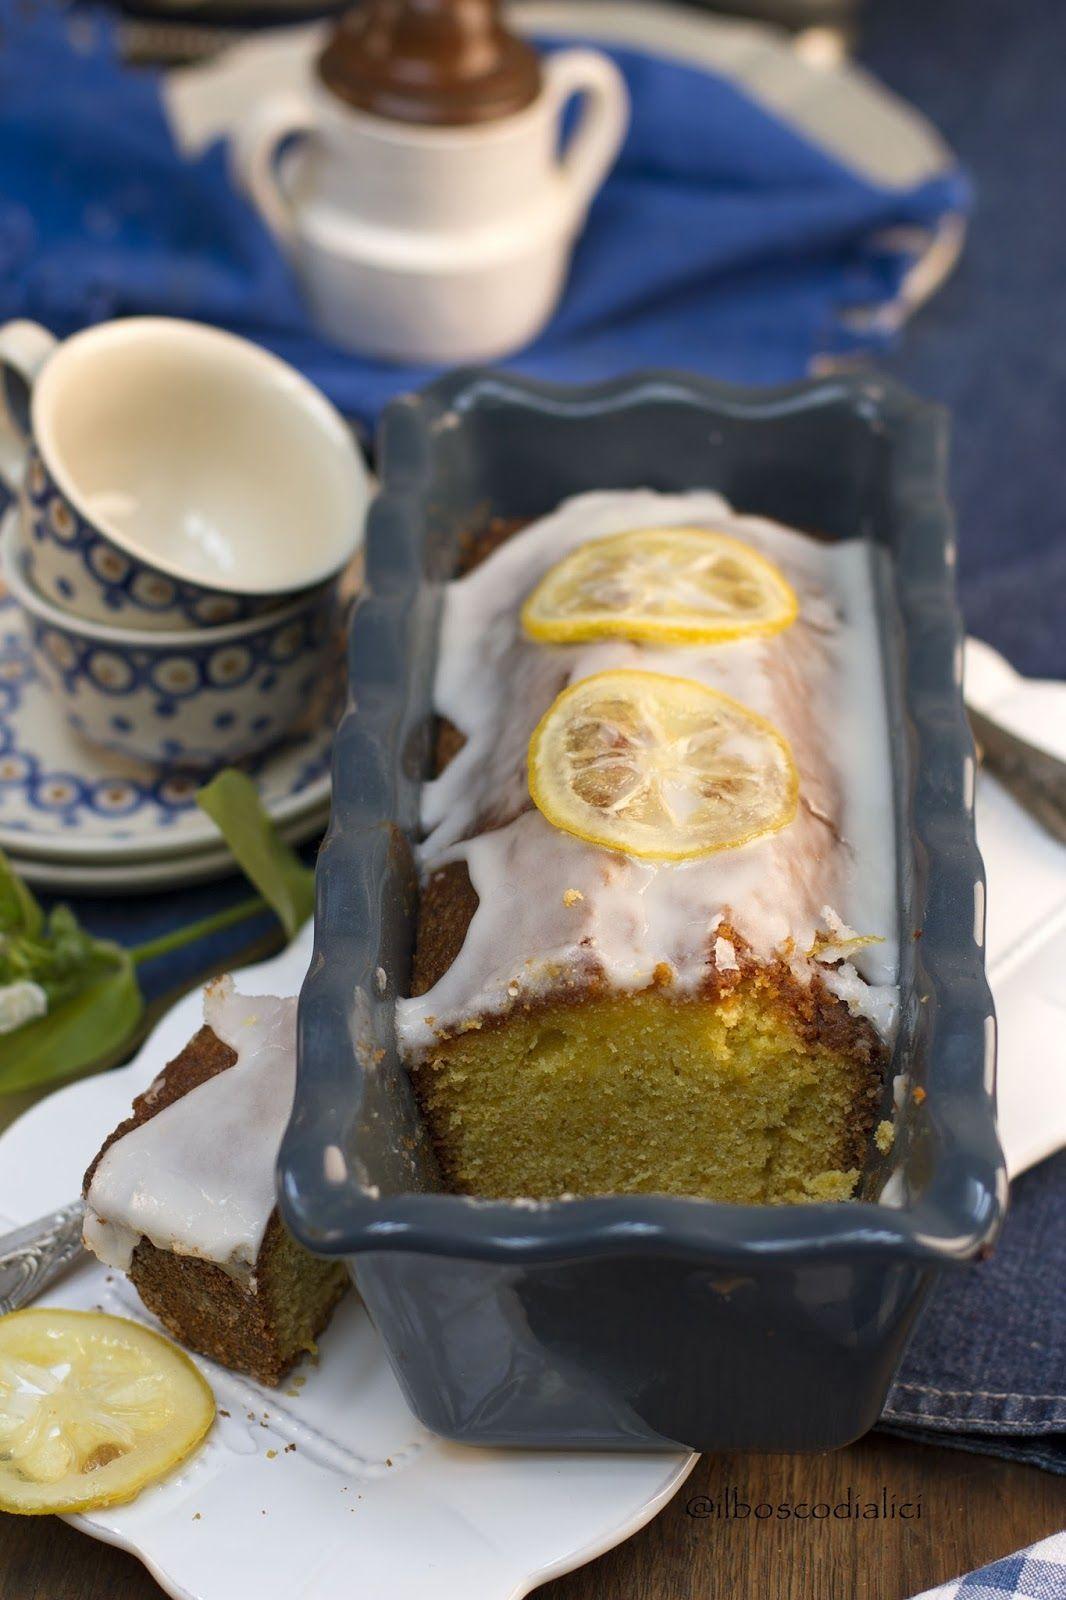 il bosco di alici: Lemon pound cakes di Martha Stewart